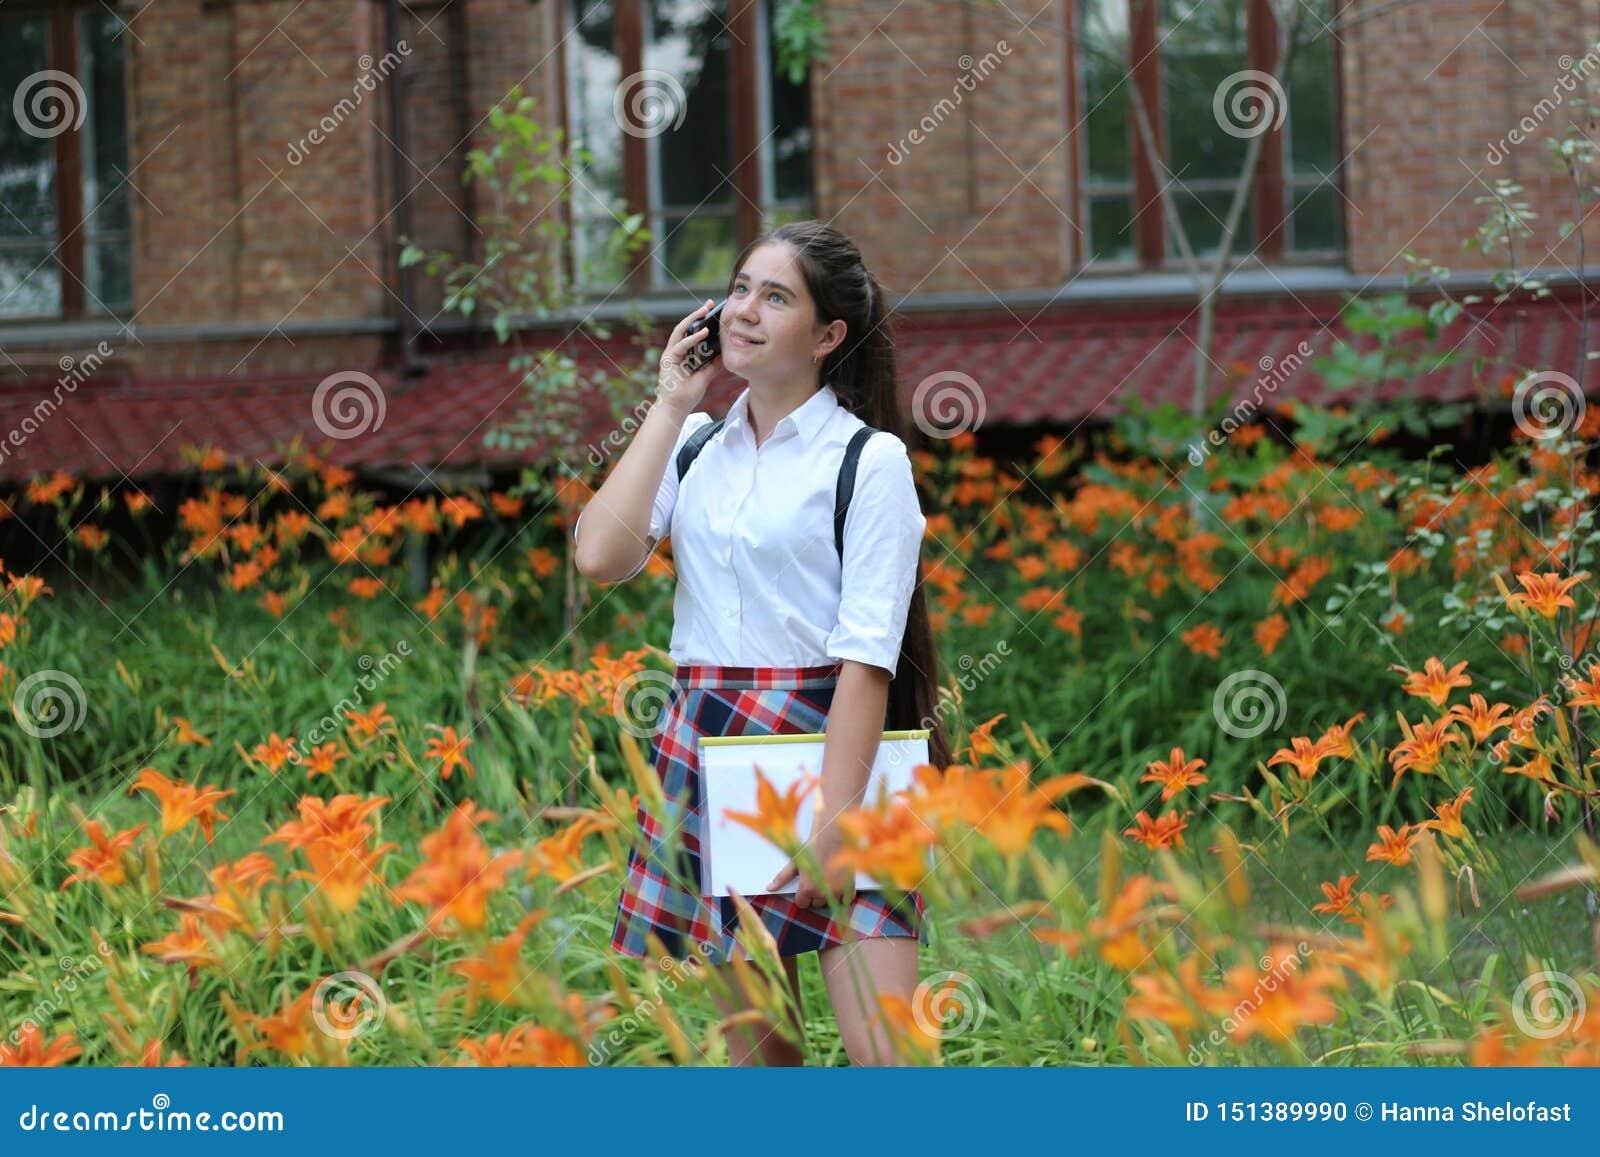 Девушка школьницы с длинными волосами в школьной форме говоря по телефону